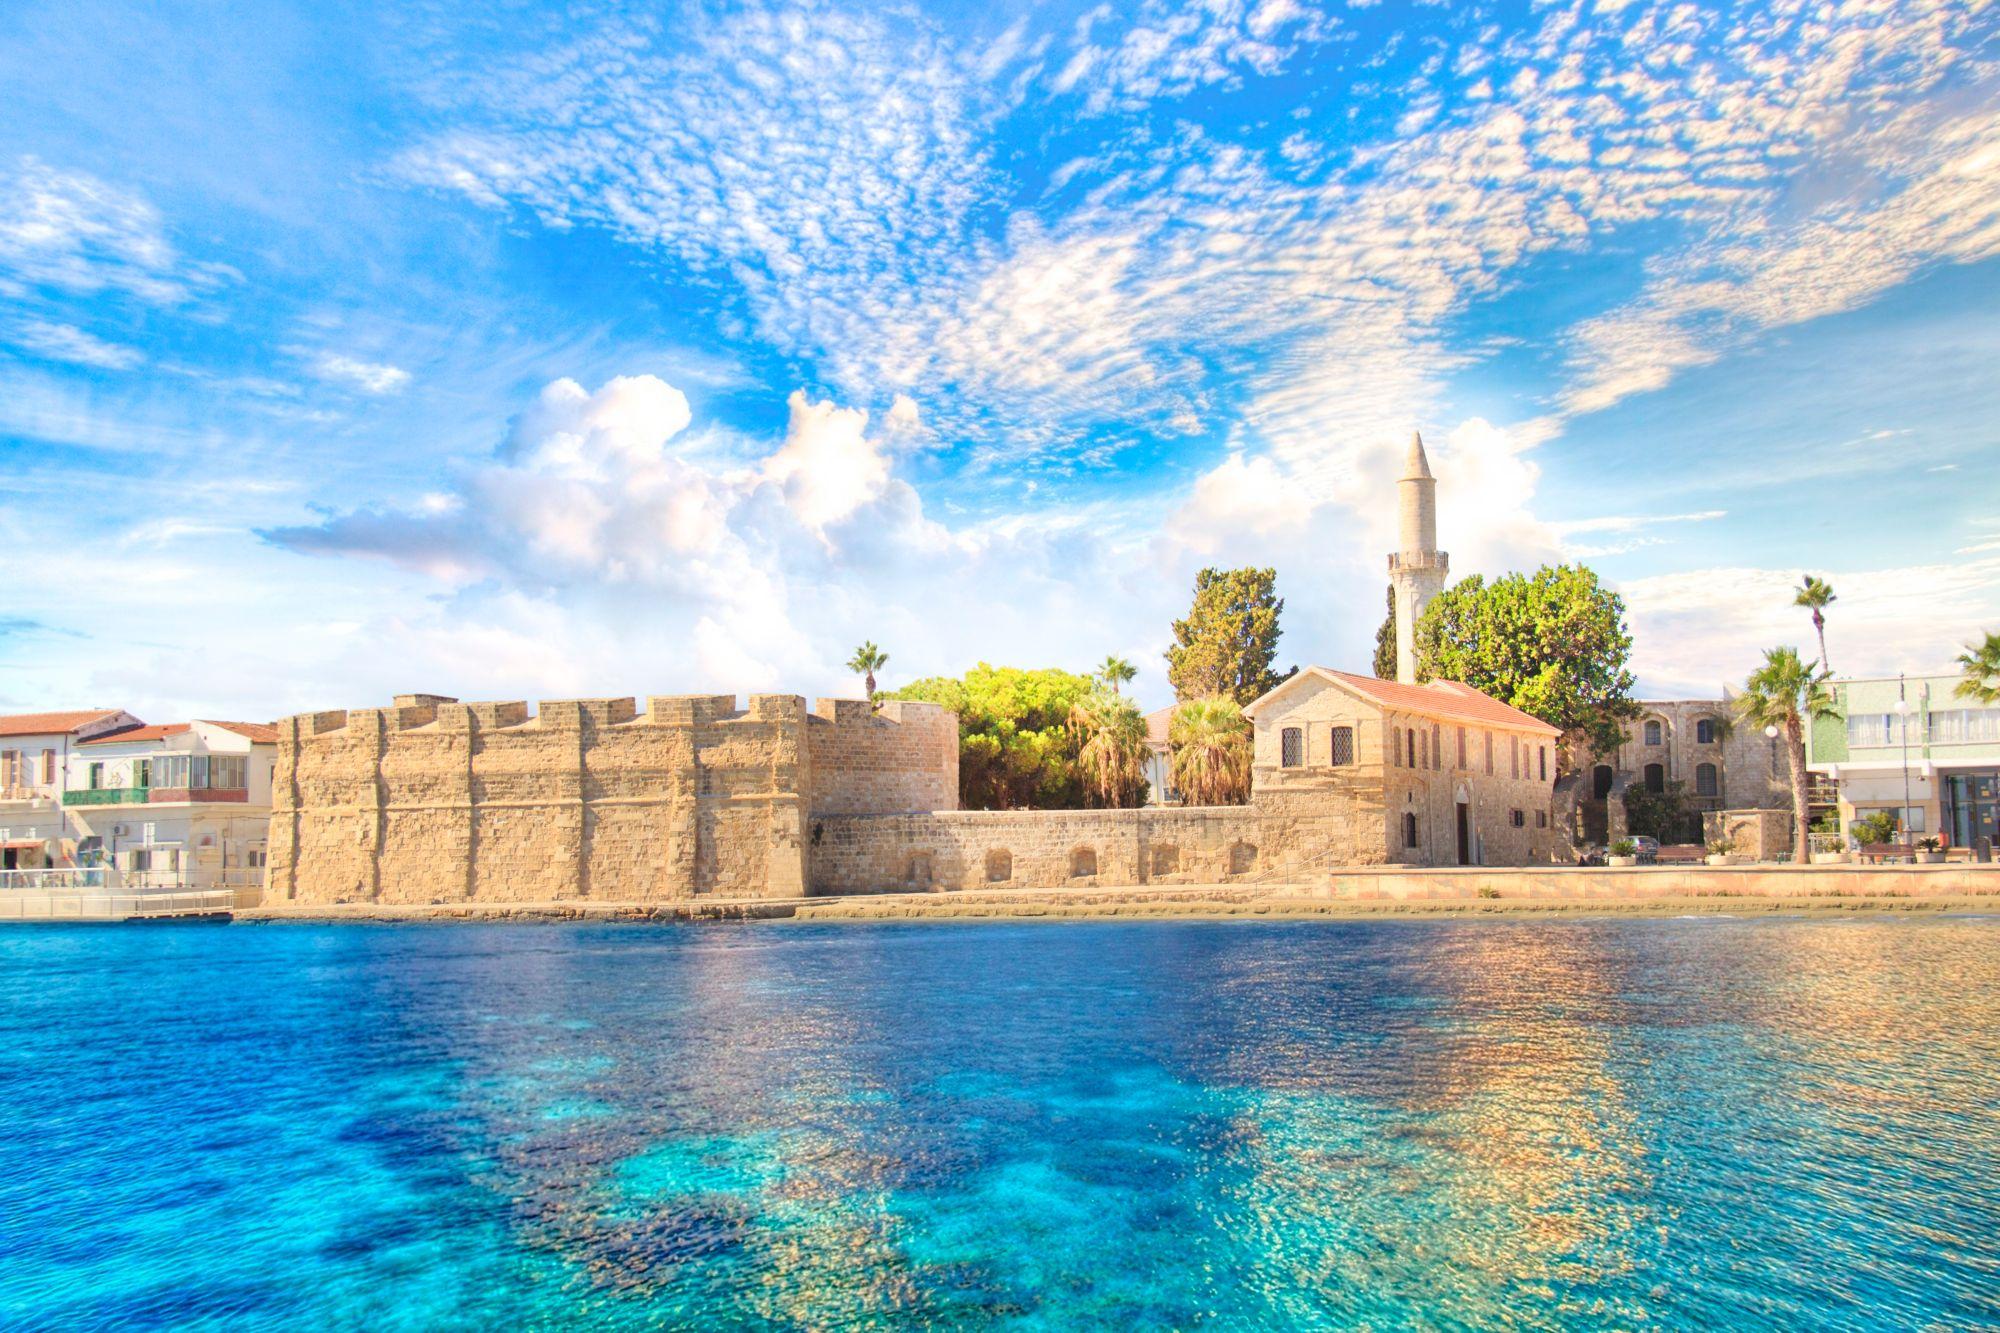 Larnaka widok miasta